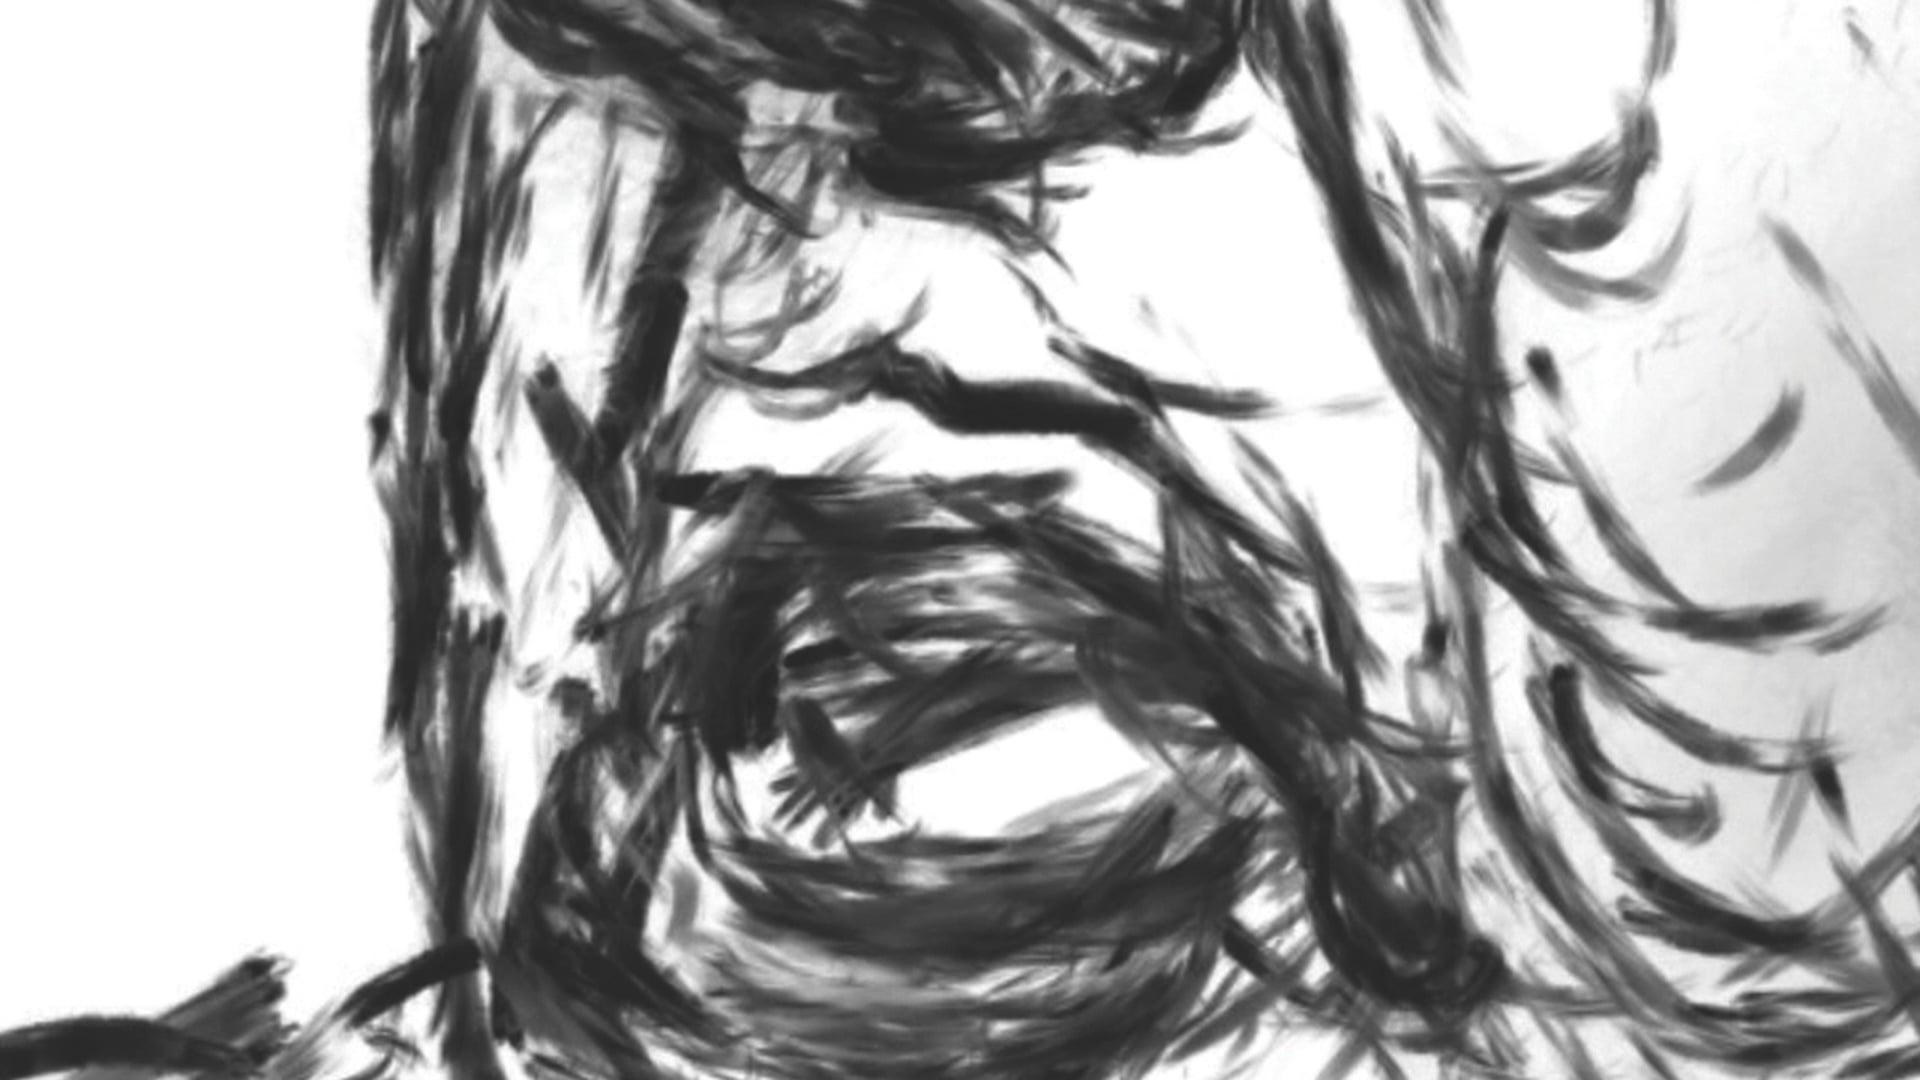 RAGE : The Misery of Men • a series of spoken poetry, drawings + soundworks by poet Karen Morris +  artist John Tomlinson •